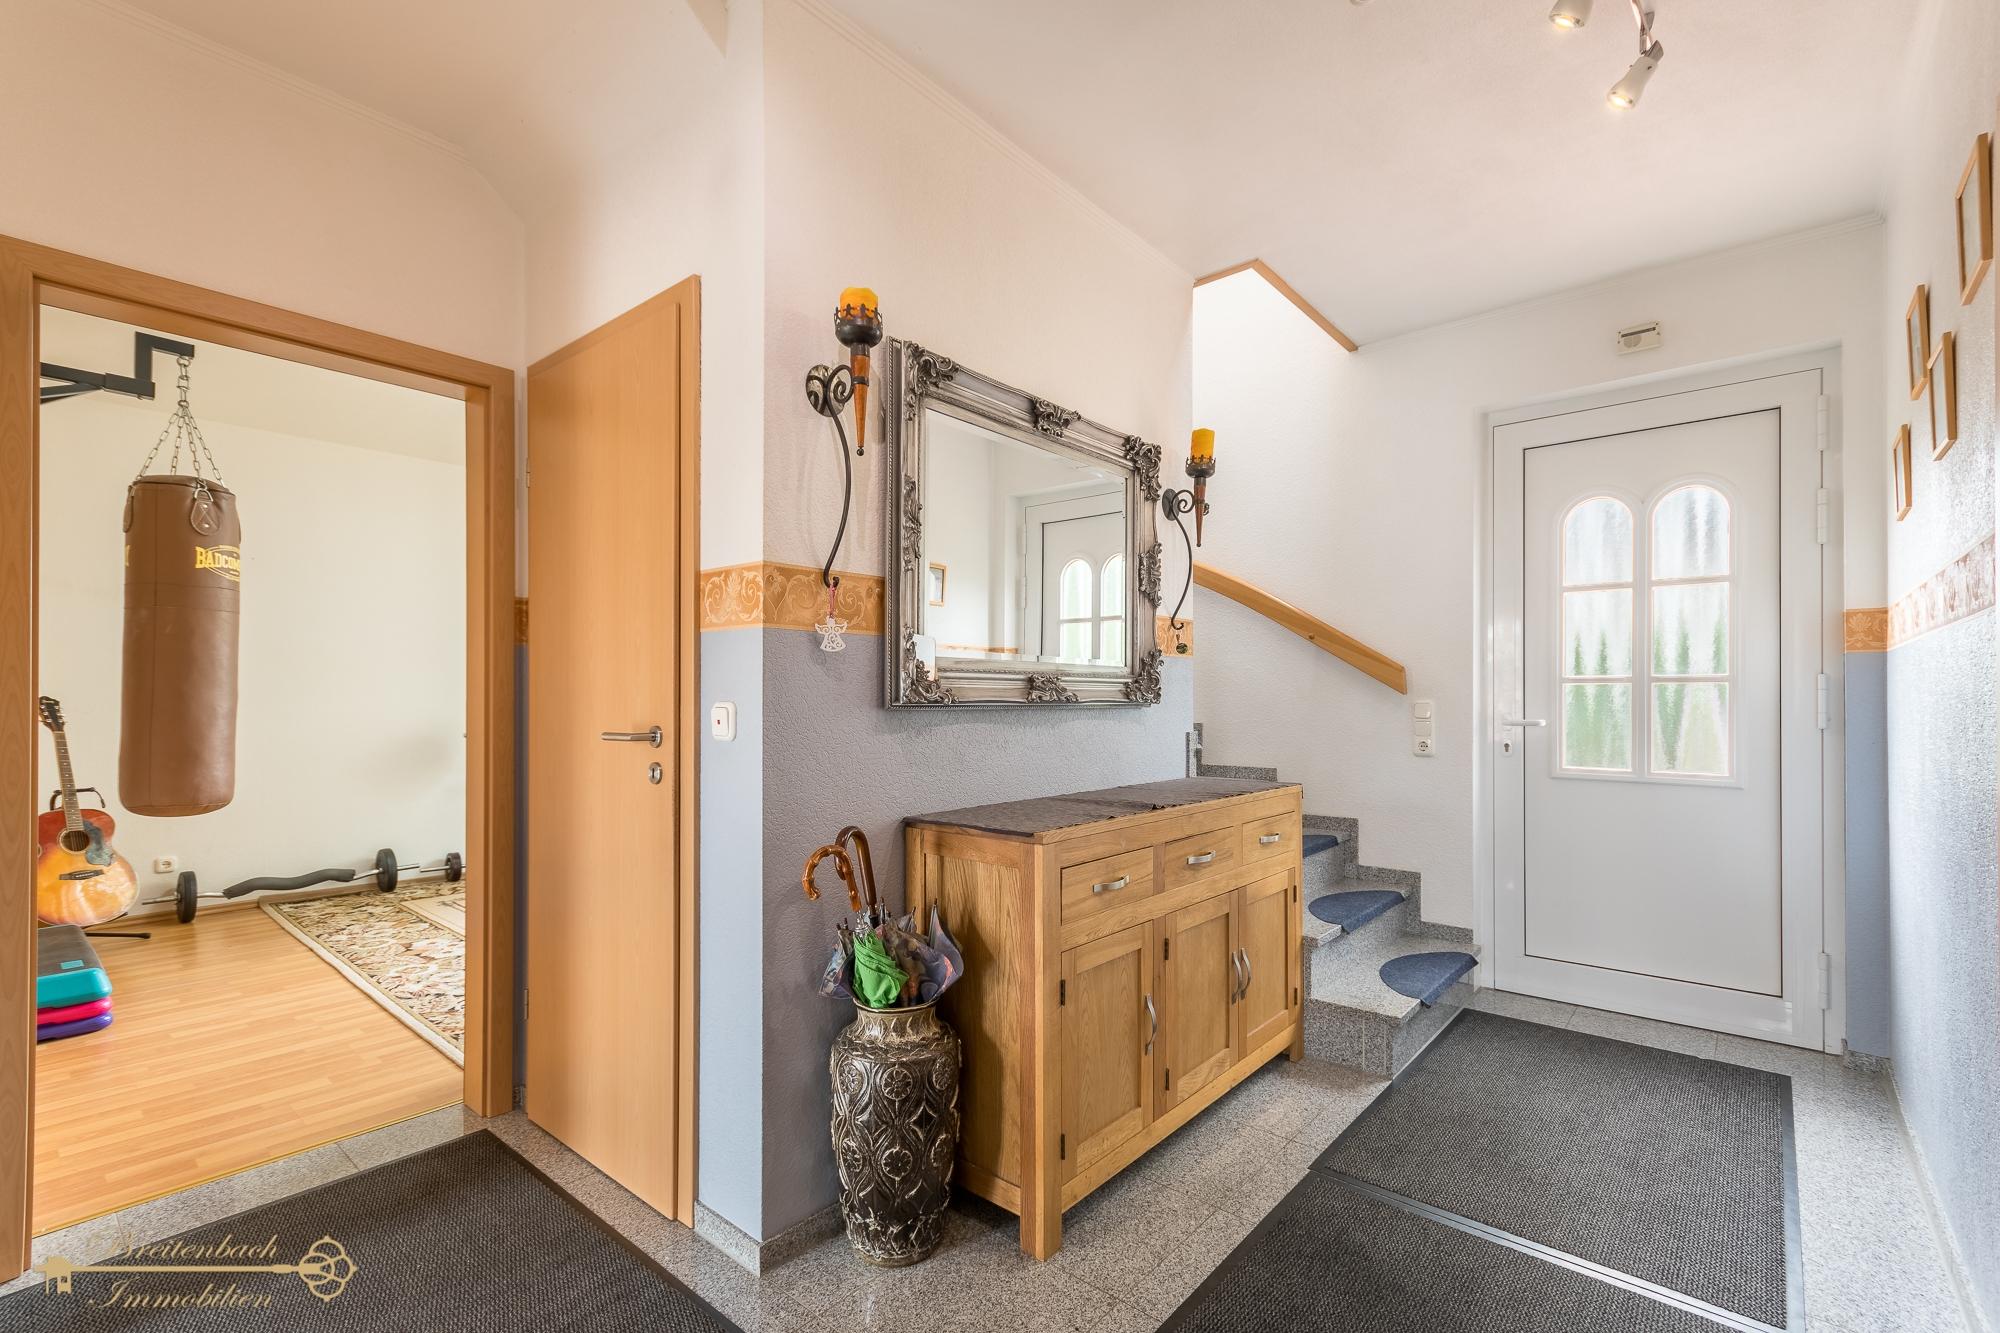 2020-08-01-Breitenbach-Immobilien-6